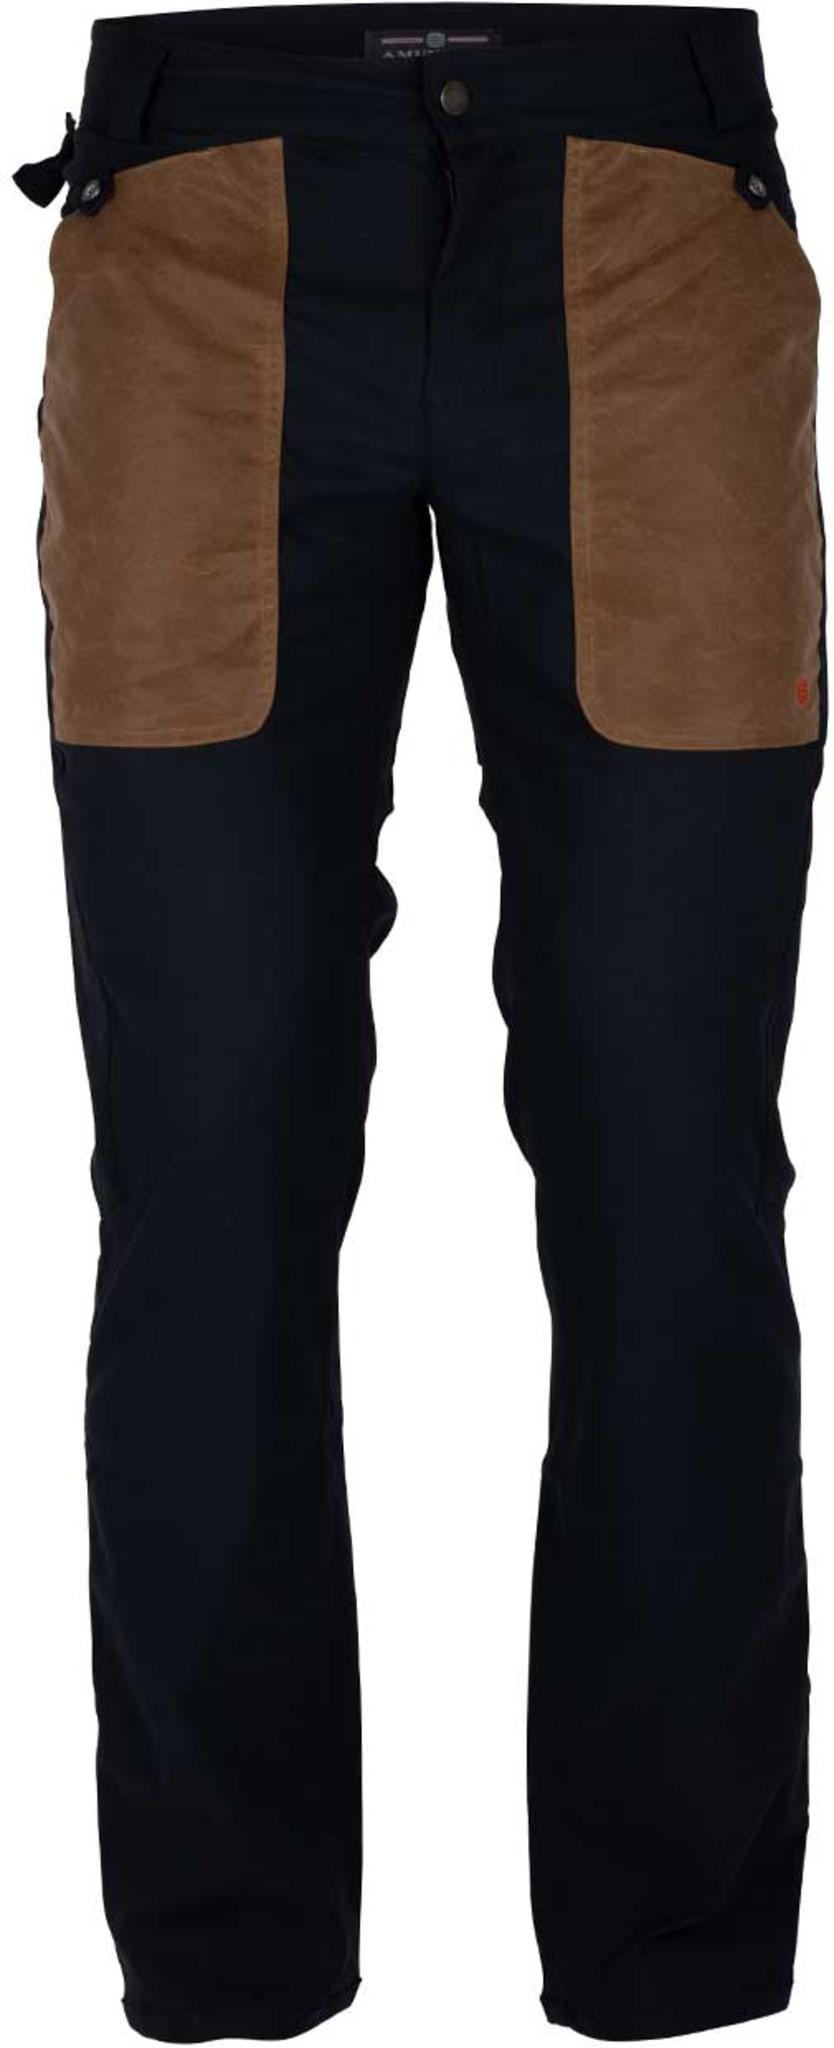 Stilige bukser til tur, samt det som skjer før og etter